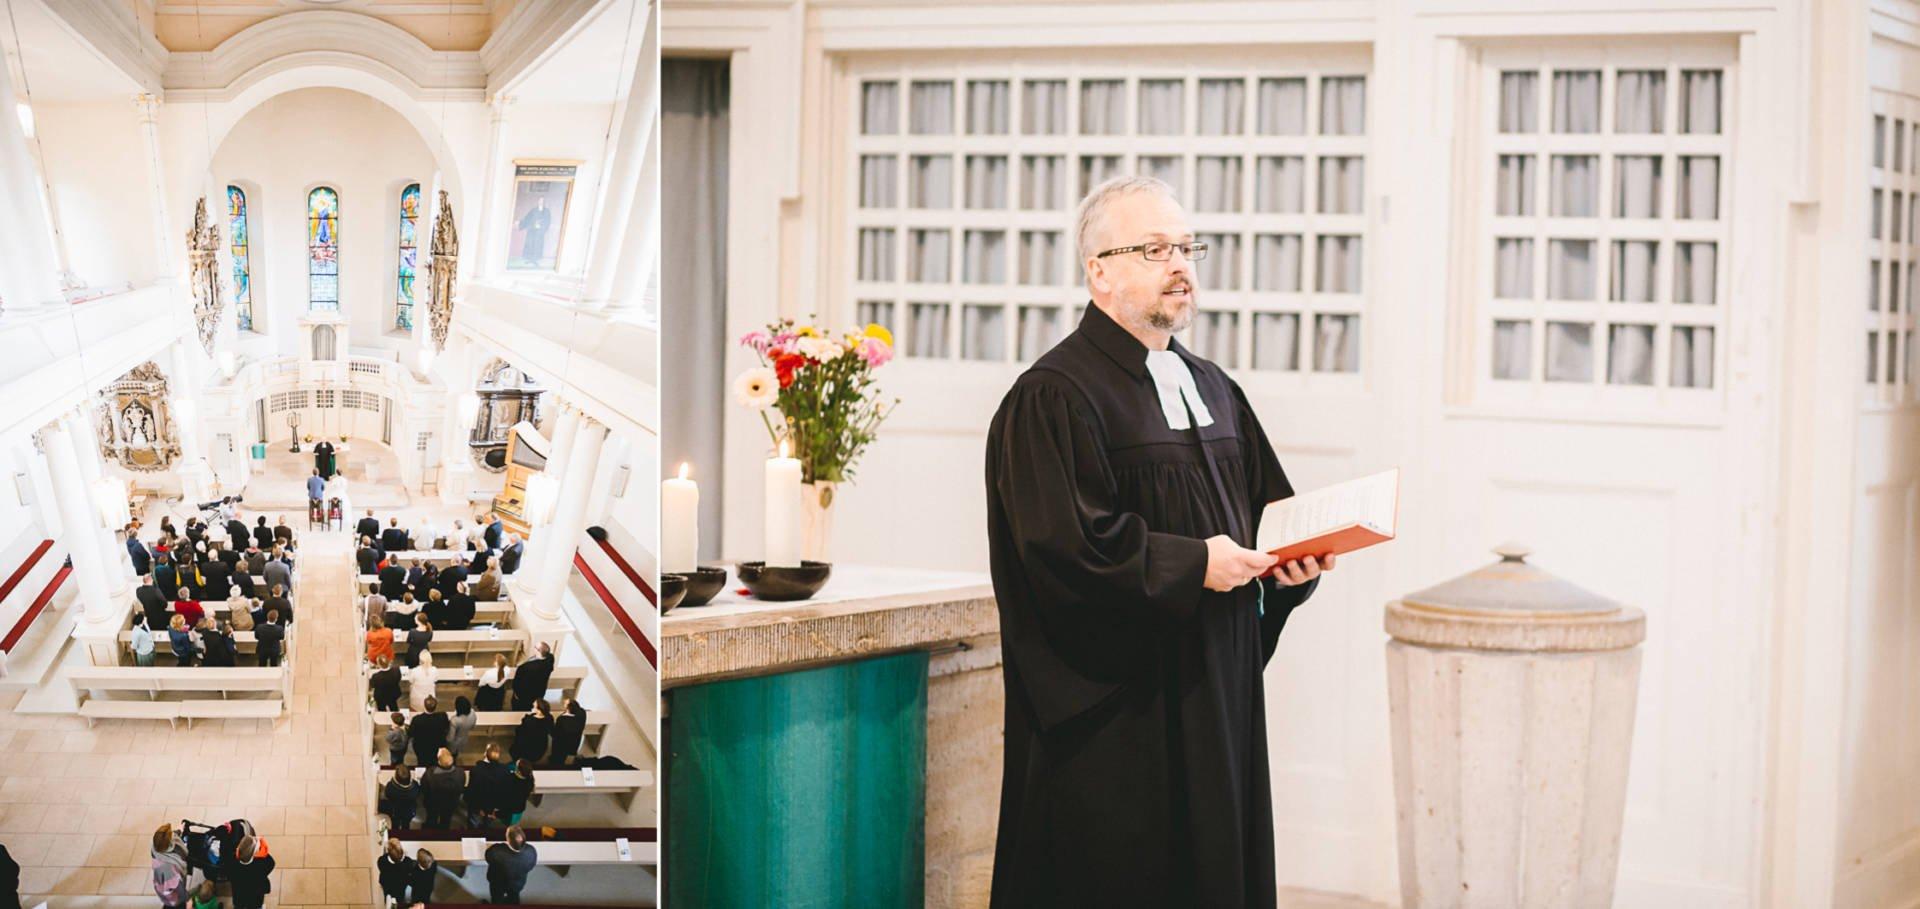 Hochzeitsreportage | Hochzeit im Paradies Jena | 31